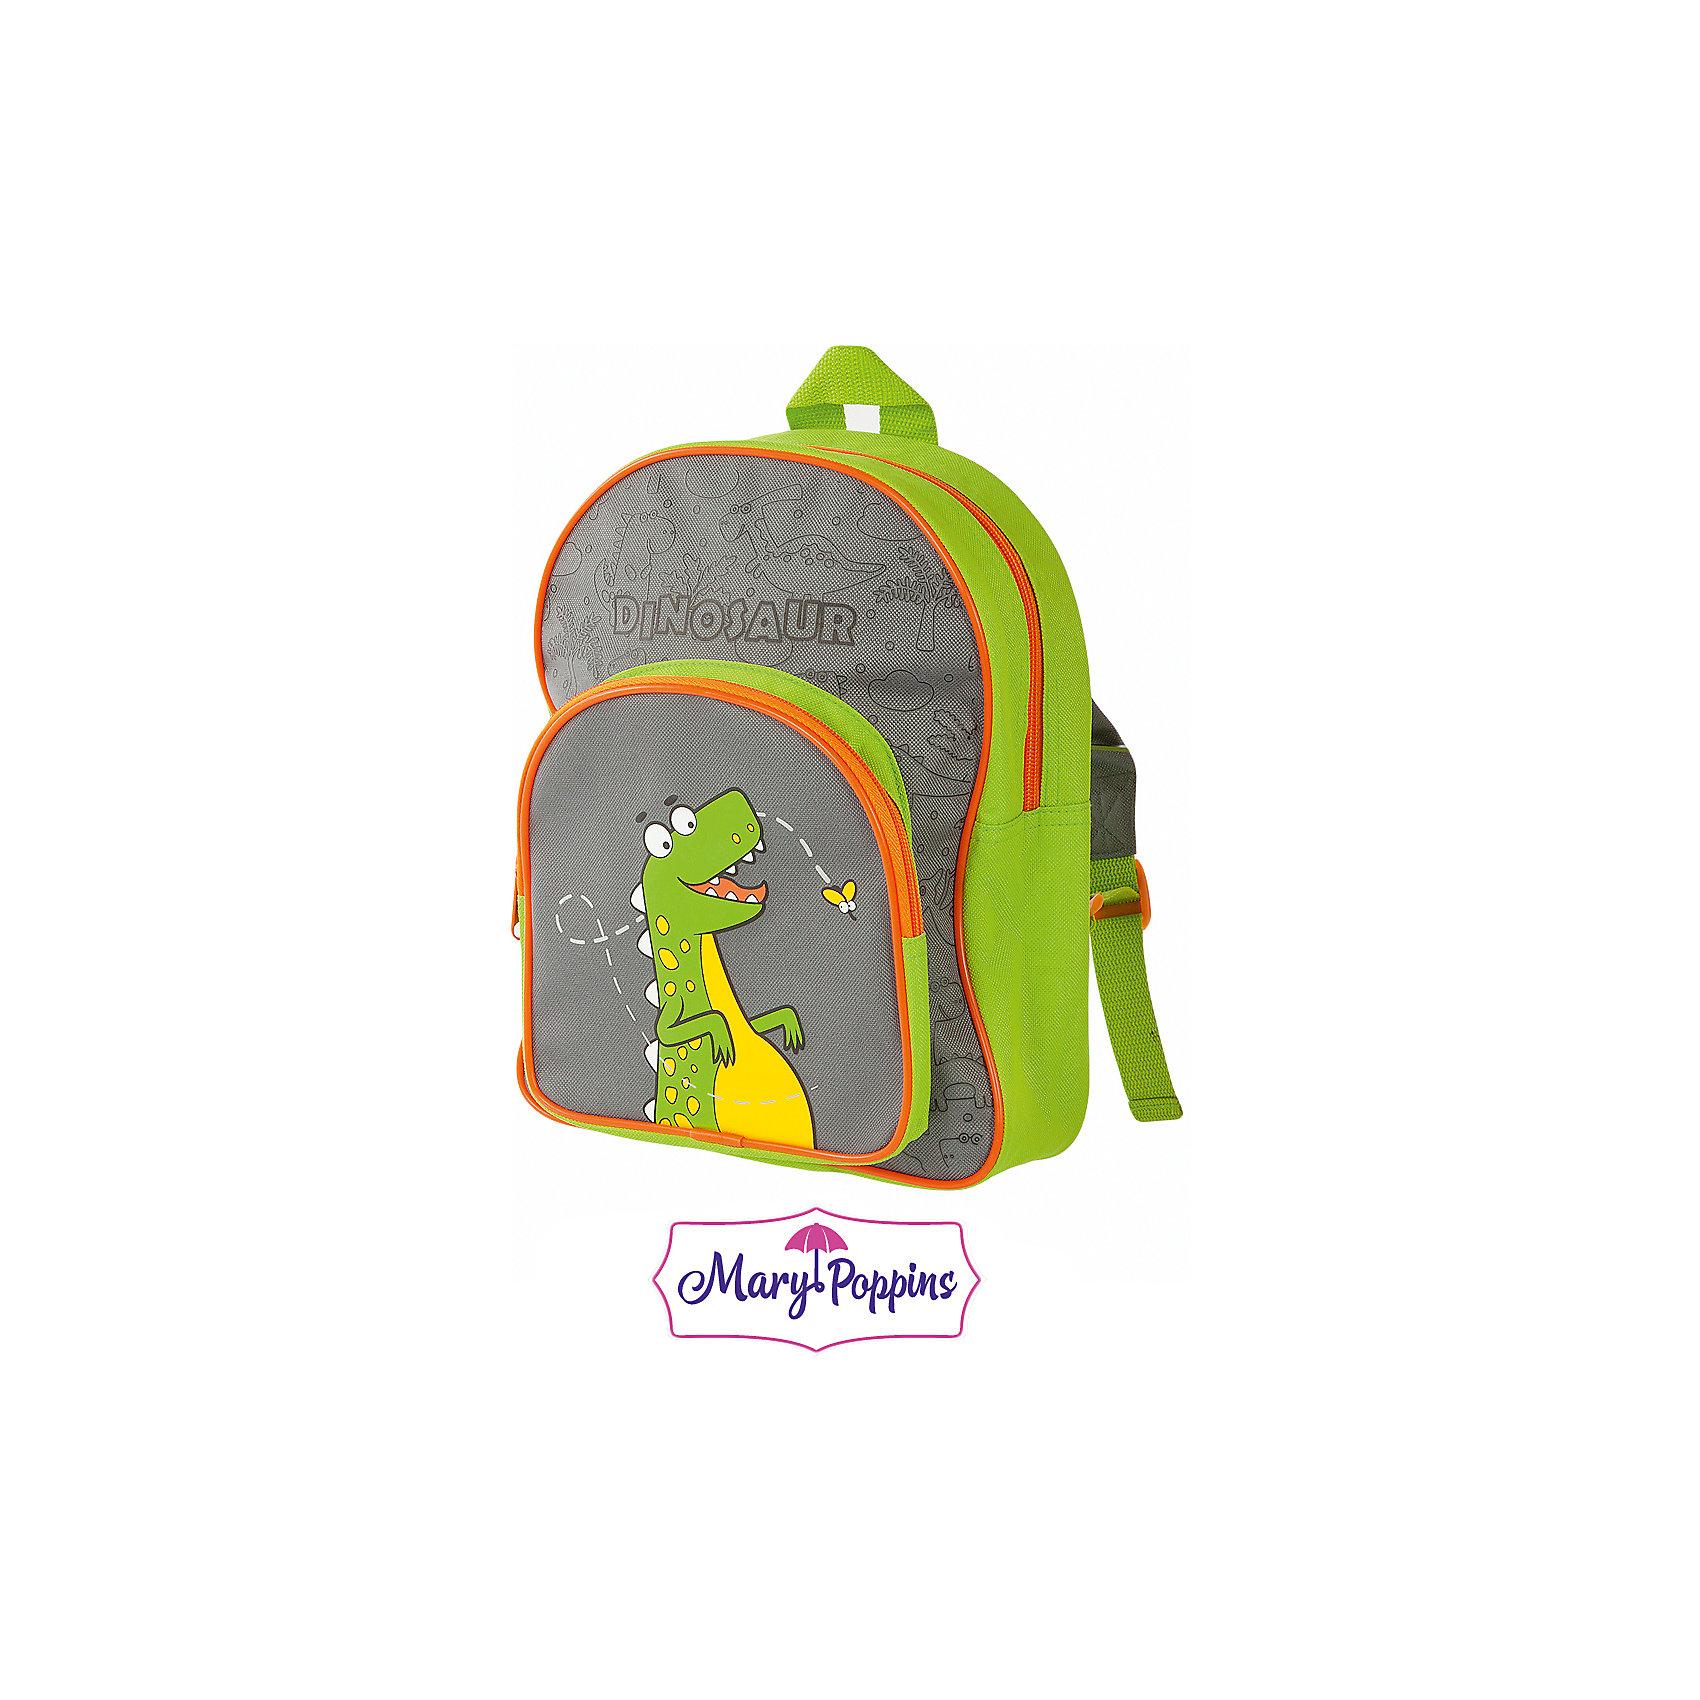 Рюкзак Дино 23*9*29см.Детские рюкзаки<br>Рюкзак Дино 23*9*29см., Mary Poppins (Мэри Поппинс)<br><br>Характеристики:<br><br>• легкий и удобный<br>• регулируемые лямки<br>• застегивается на молнию<br>• размер: 23х9х29 см<br>• материал: текстиль, металл<br>• размер упаковки: 23х9х29 см<br>• вес: 217 грамм<br><br>Рюкзак Дино поможет ребенку сохранить и перенести необходимые принадлежности, игрушки и еду для перекуса между занятиями. Рюкзак имеет одно основное отделение и одно внешнее. Оба отделения надежно застегиваются на молнию. Лямки рюкзака можно отрегулировать по росту и возрасту ребенка. Лицевая сторона оформлена ярким принтом с динозавриком, следящим за мухой.<br><br>Рюкзак Дино 23*9*29см., Mary Poppins (Мэри Поппинс) Можно купить в нашем интернет-магазине.<br><br>Ширина мм: 230<br>Глубина мм: 290<br>Высота мм: 900<br>Вес г: 217<br>Возраст от месяцев: 36<br>Возраст до месяцев: 2147483647<br>Пол: Мужской<br>Возраст: Детский<br>SKU: 5508537